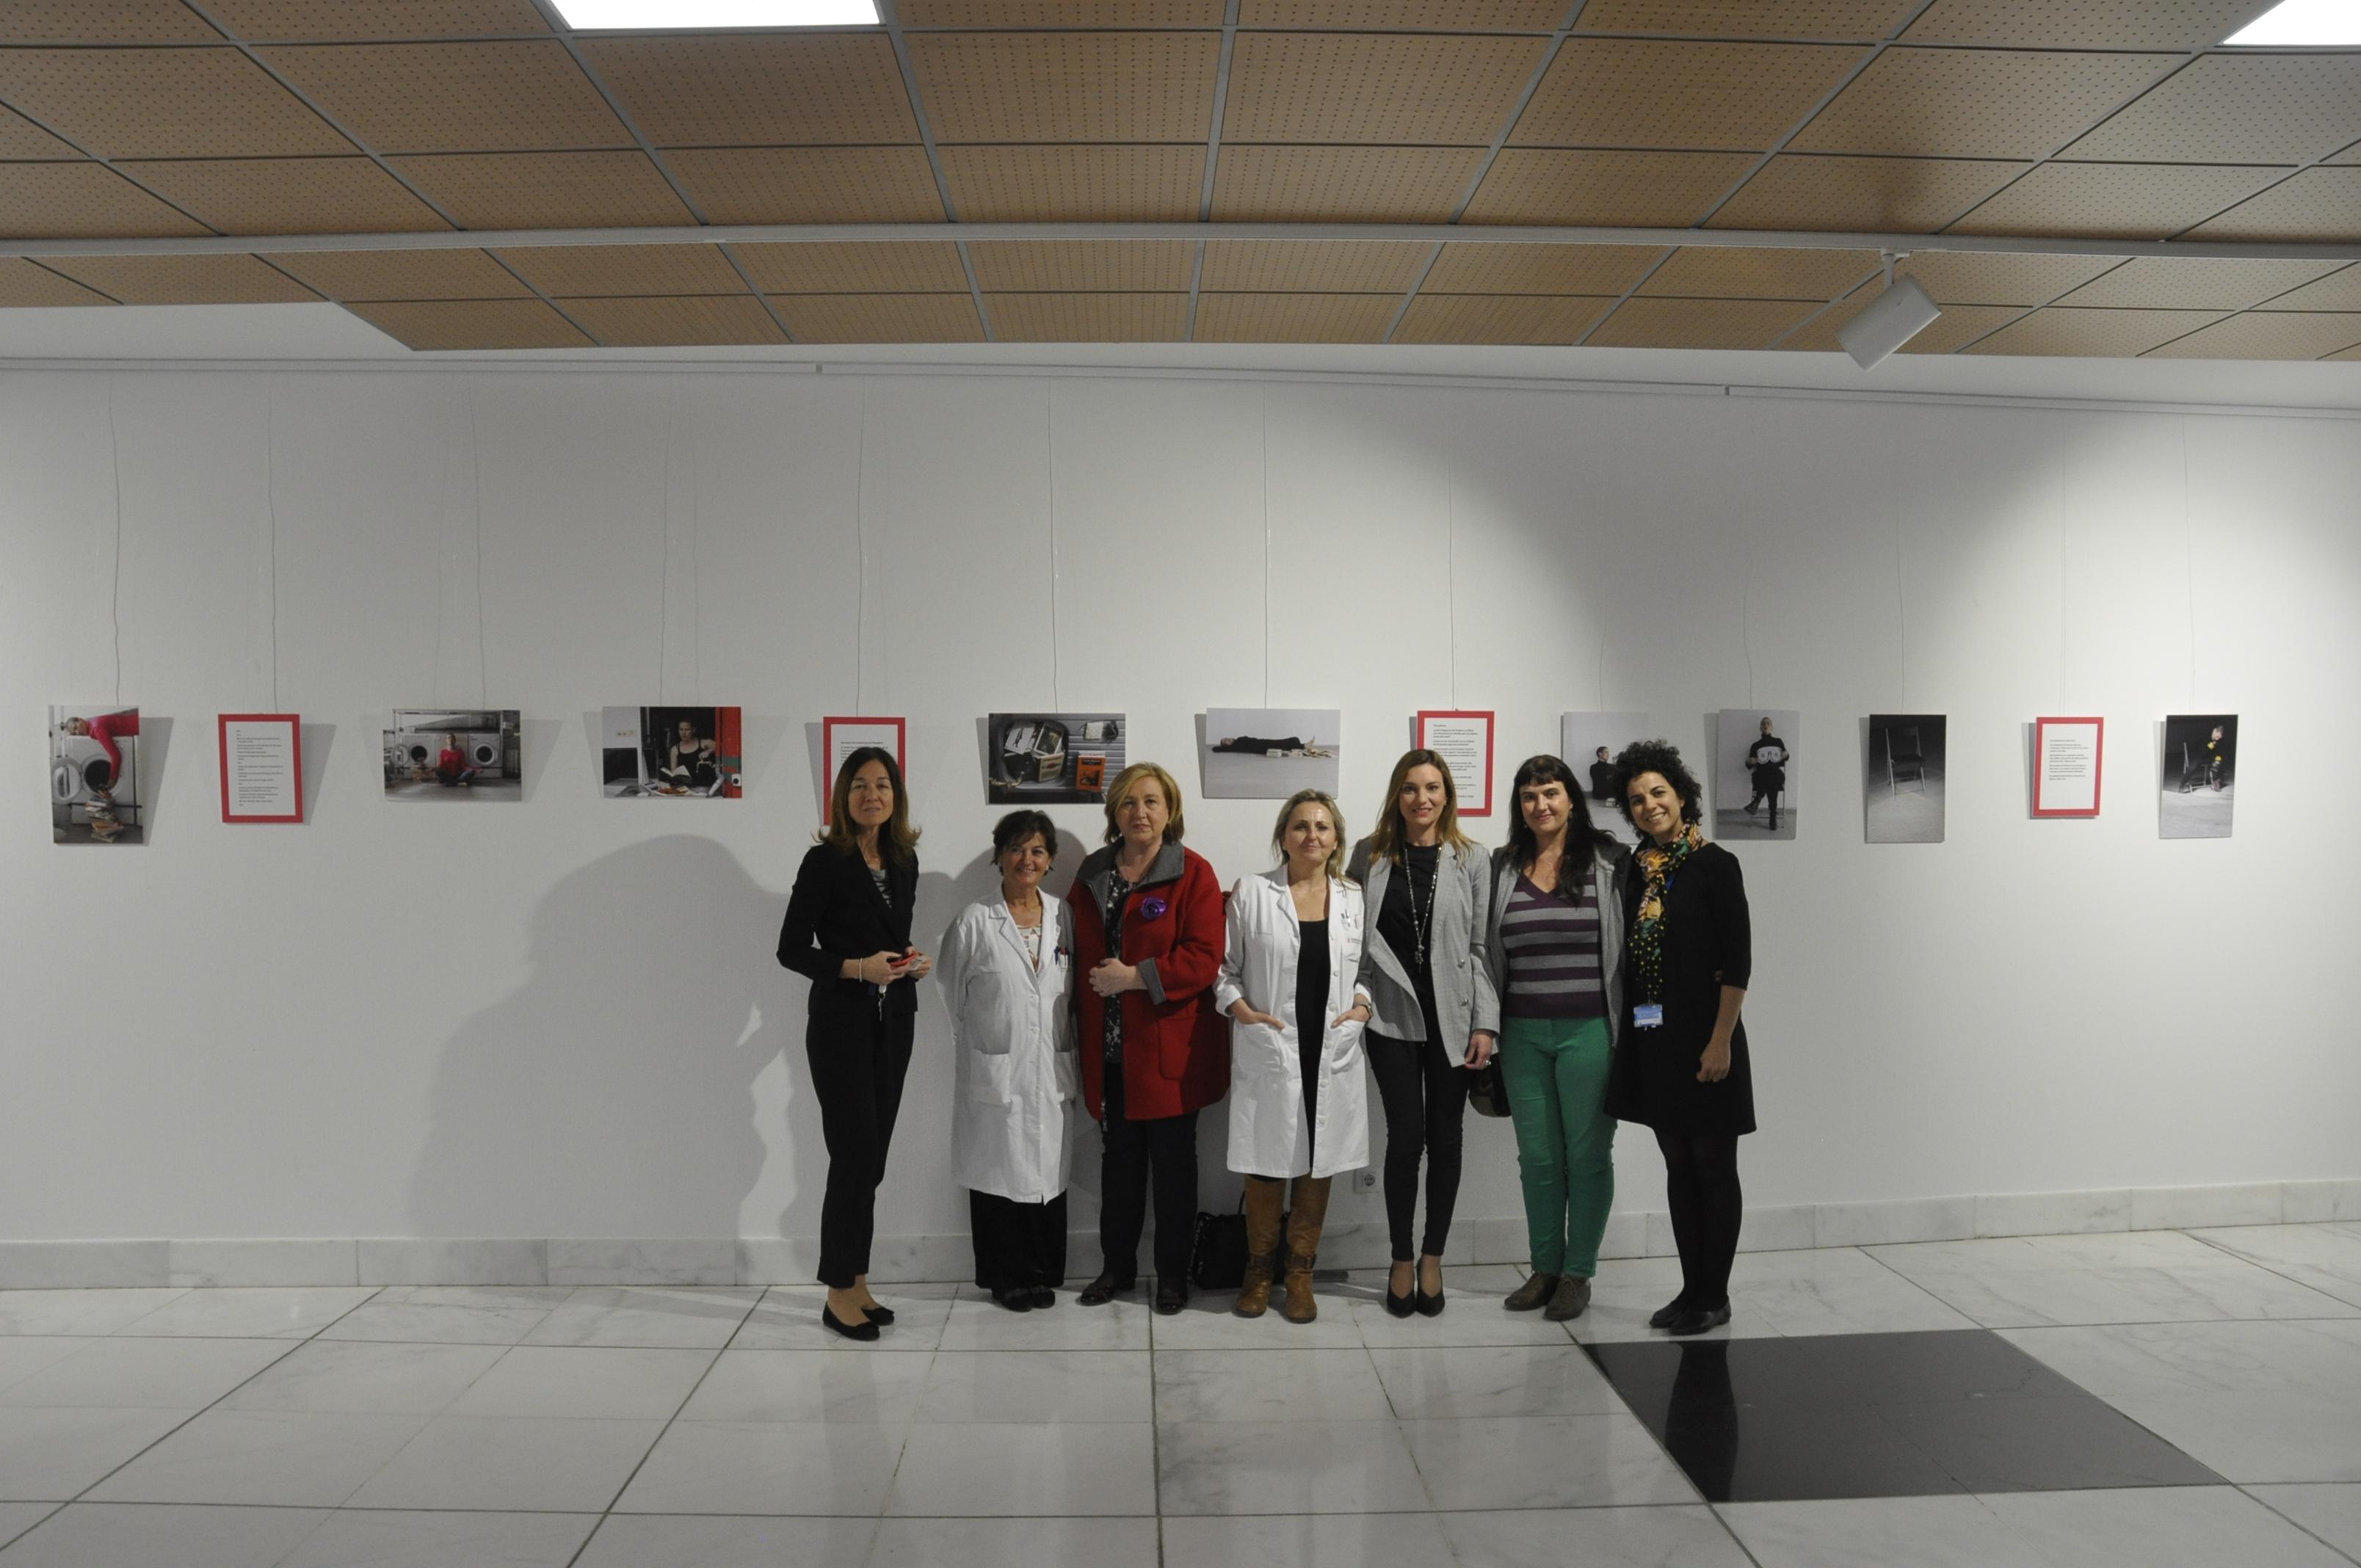 La exposición está compuesta por 13 fotografías y 6 textos de la artista Pilar Taberner sobre las desigualdades que se derivan de los roles.